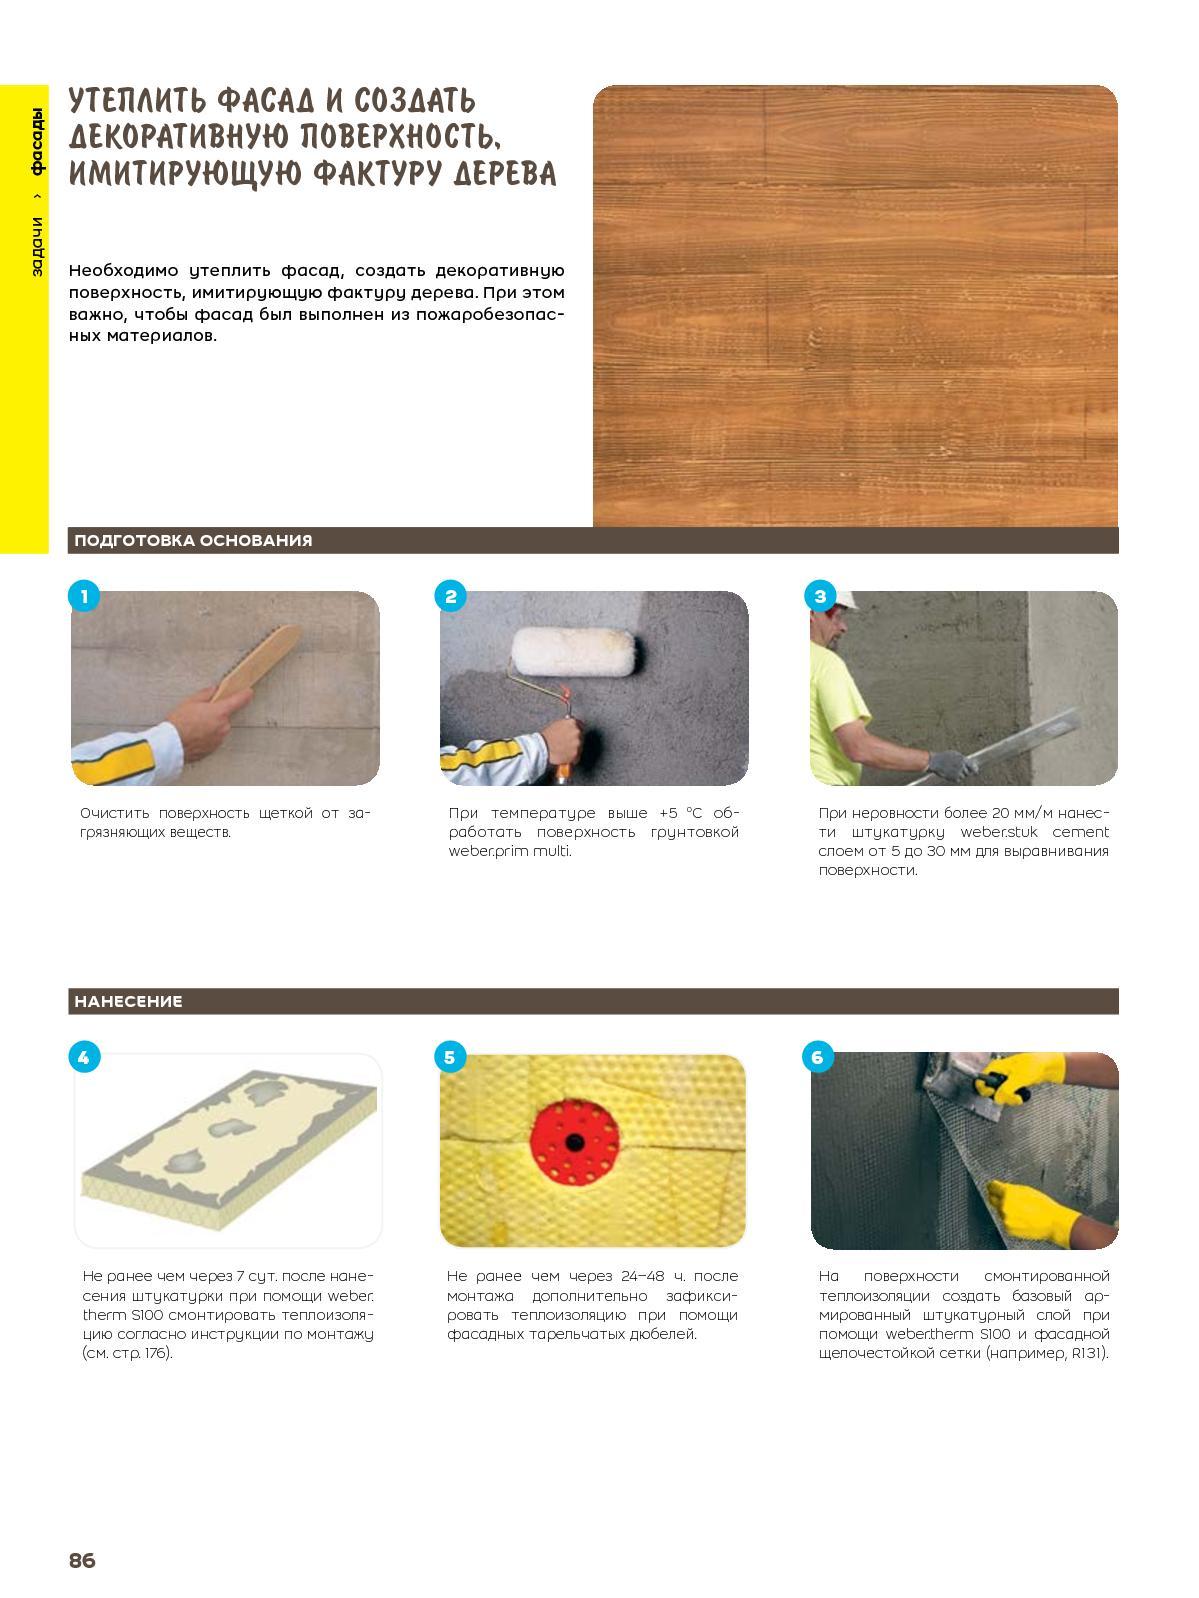 инструкция деревянных цв-031 скачать